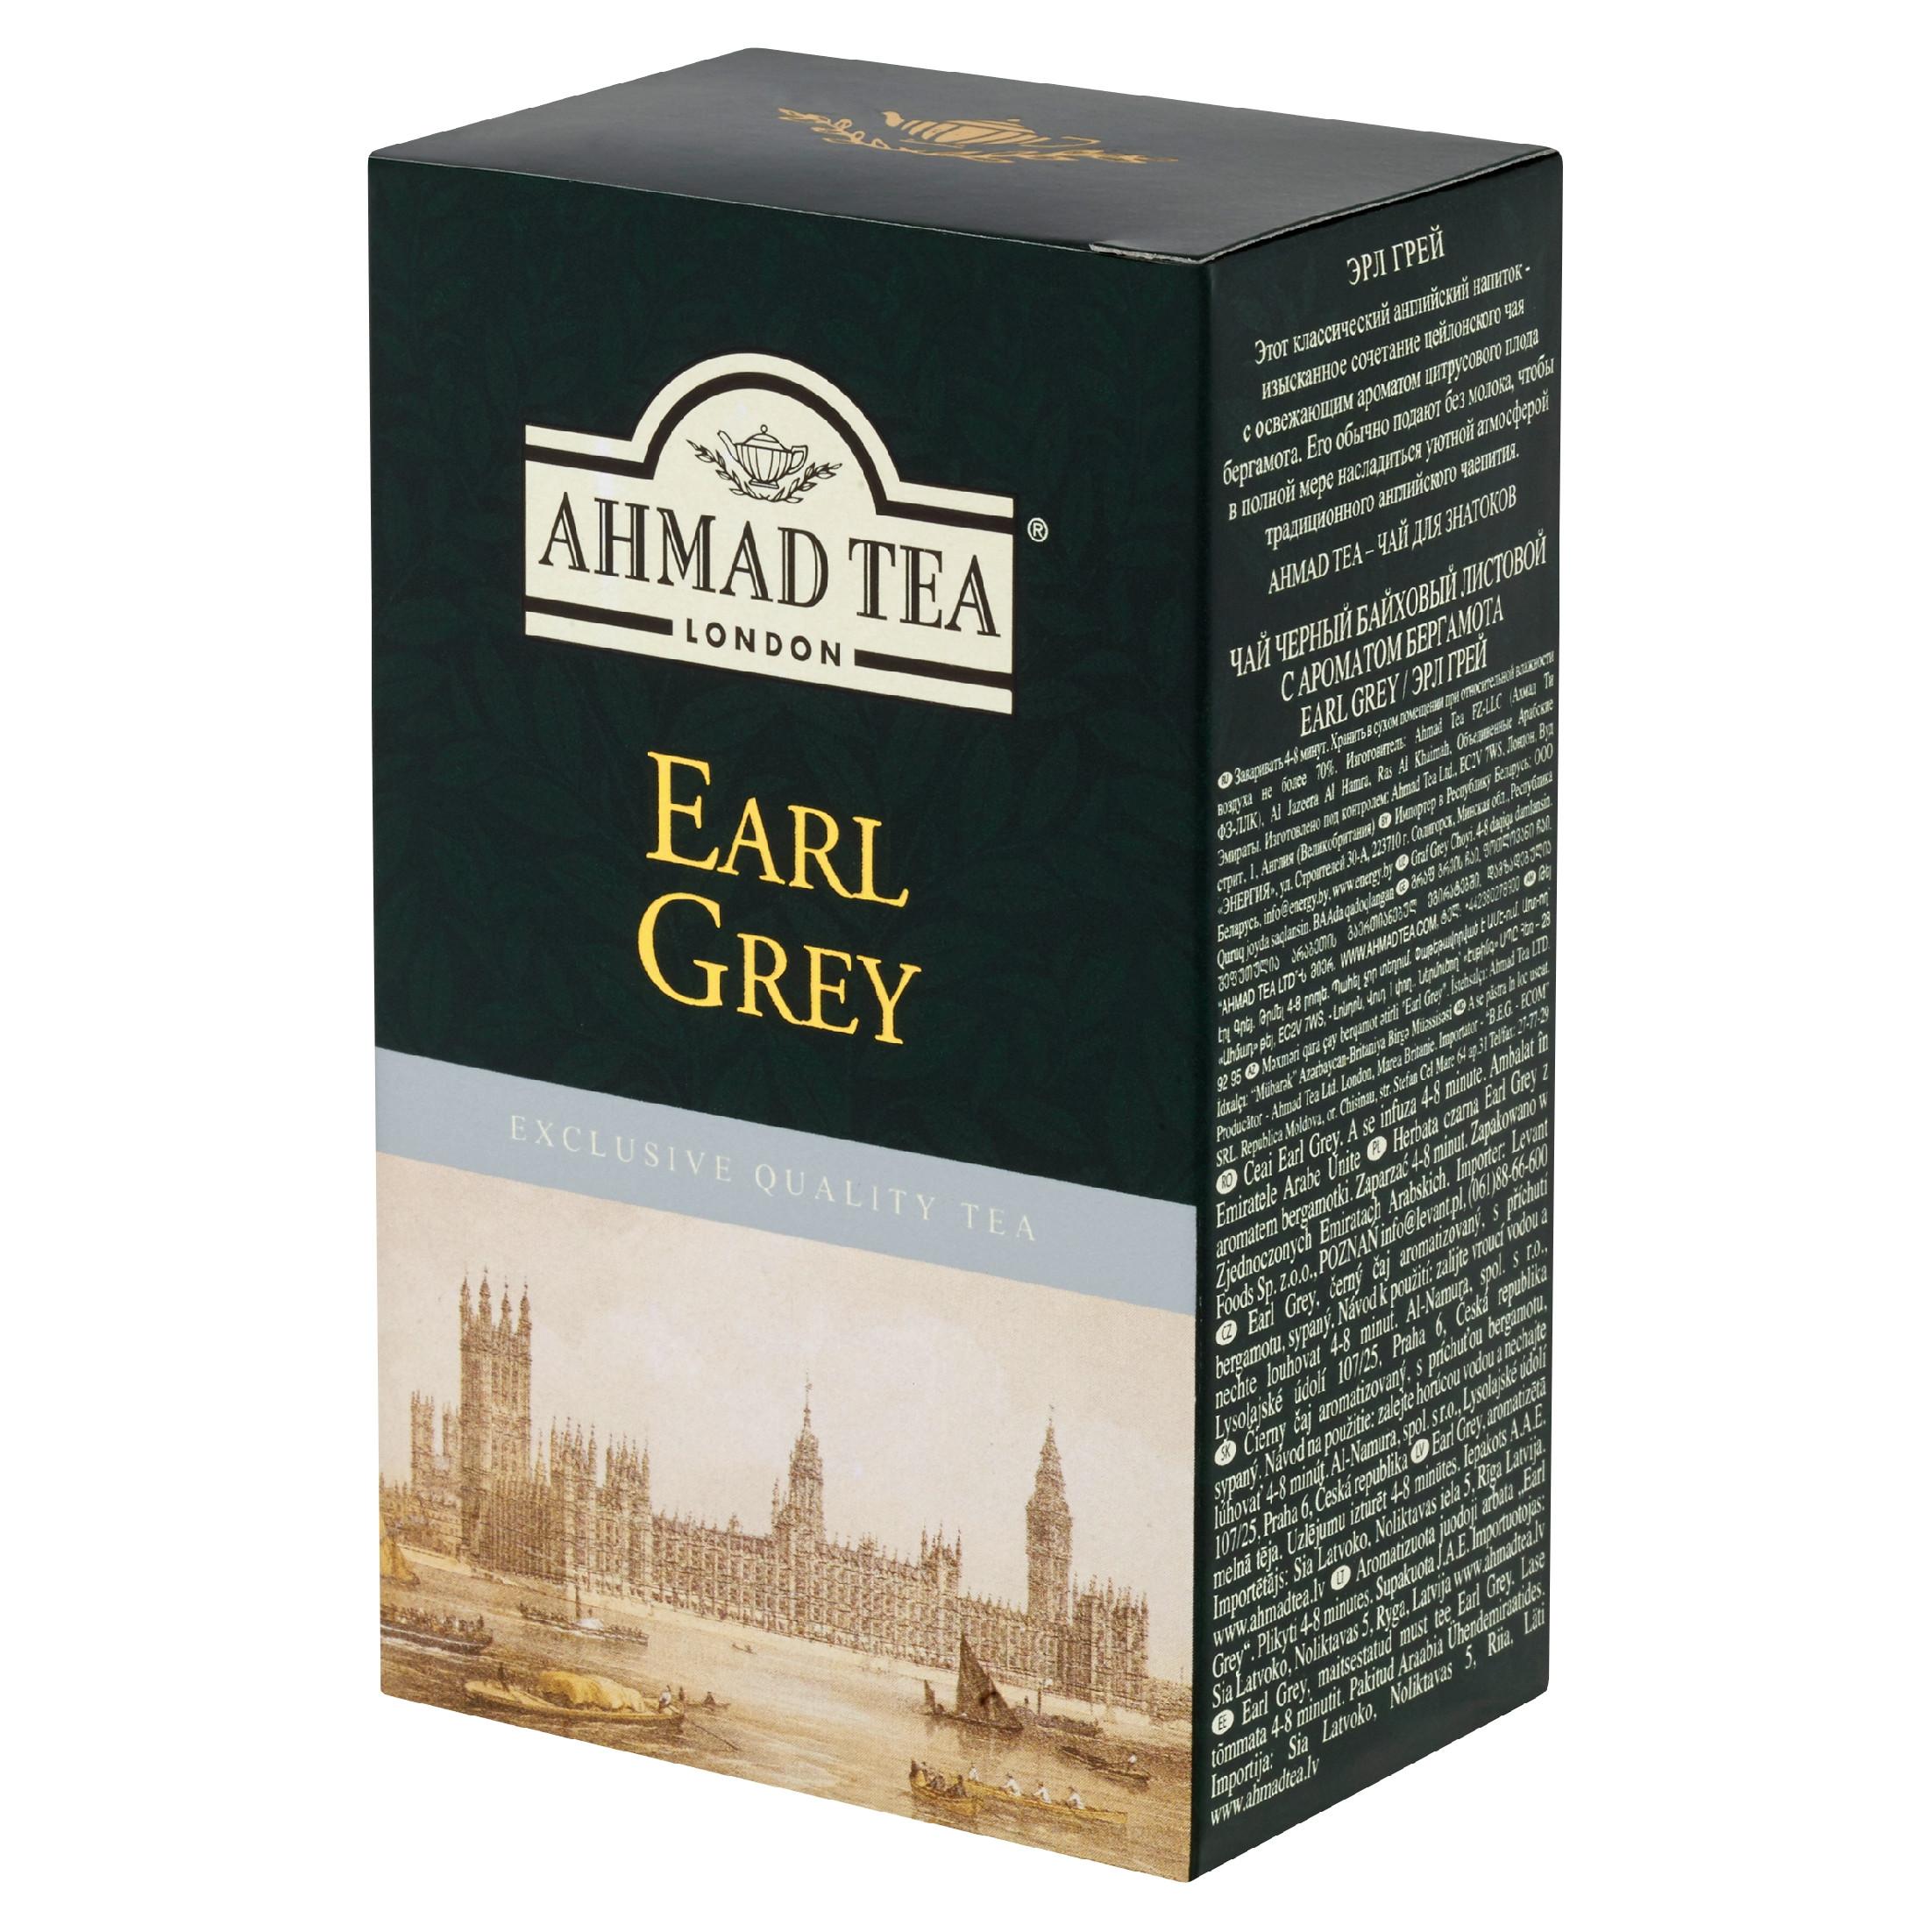 Ahmad Tea Earl Grey 20 x 2g